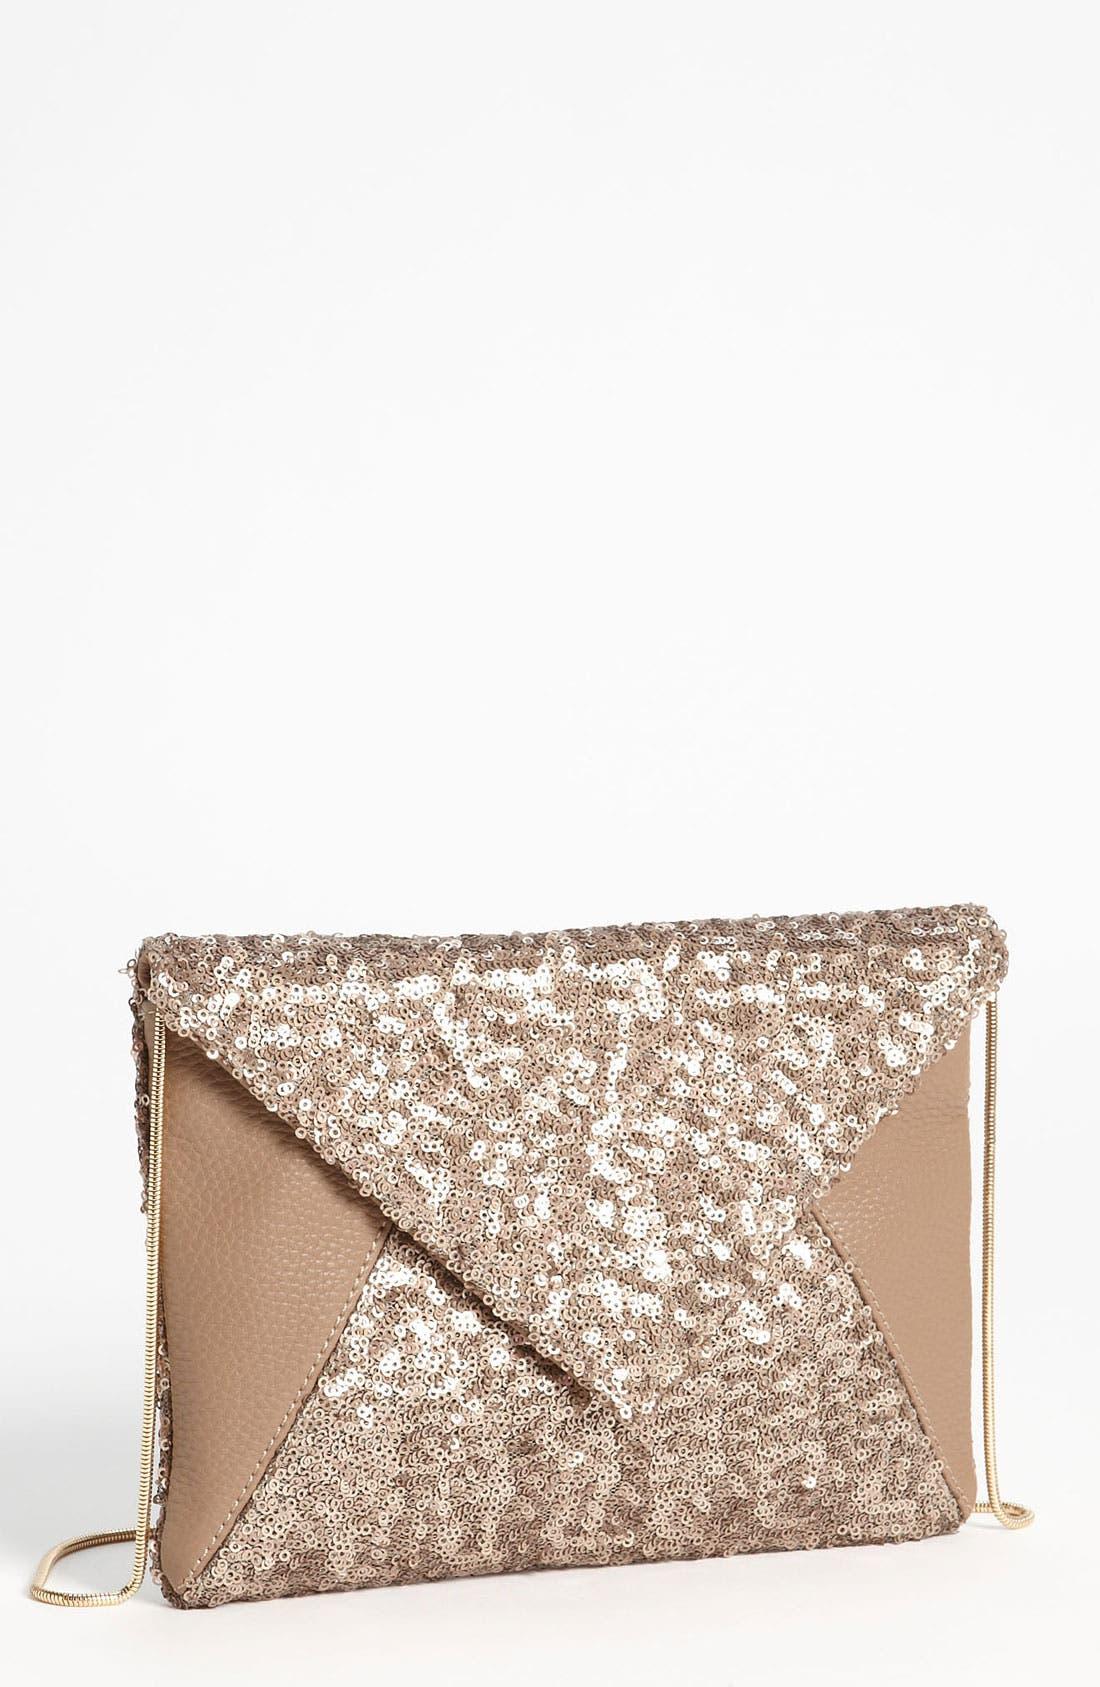 Main Image - Deux Lux 'Anais' Envelope Clutch